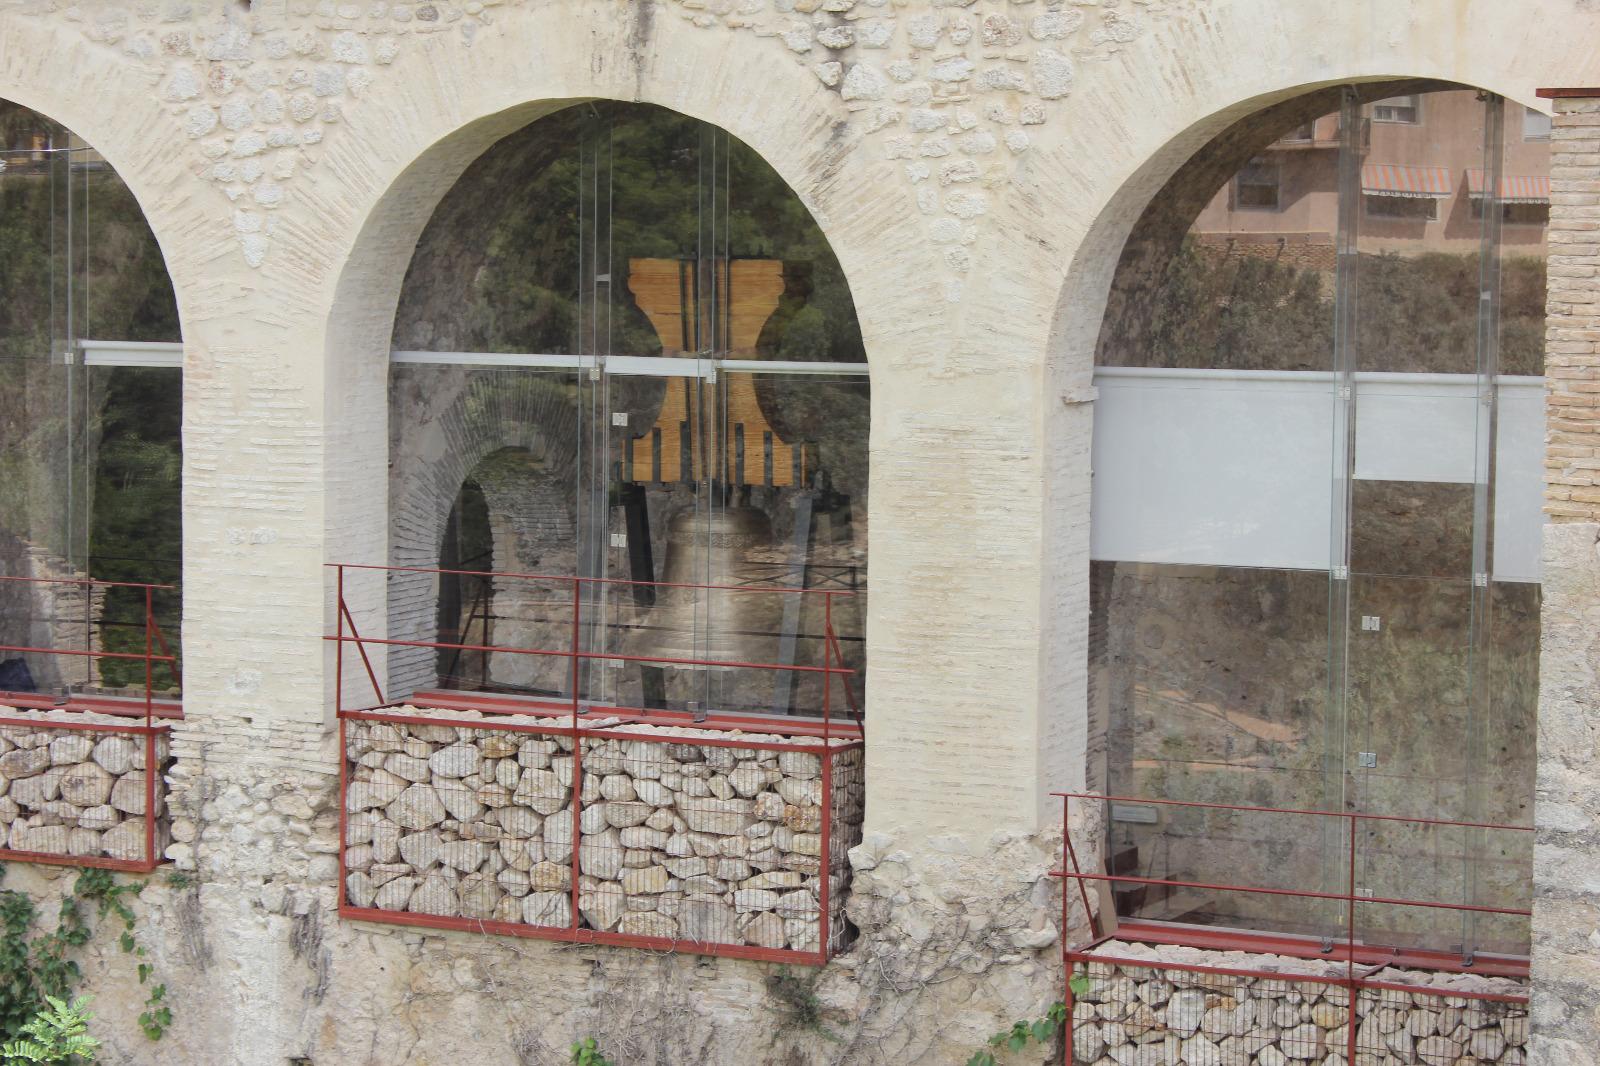 Petra i Santa Àgueda, les primeres joies del que serà el Museu Campaner d'Ontinyent El Periòdic d'Ontinyent - Noticies a Ontinyent